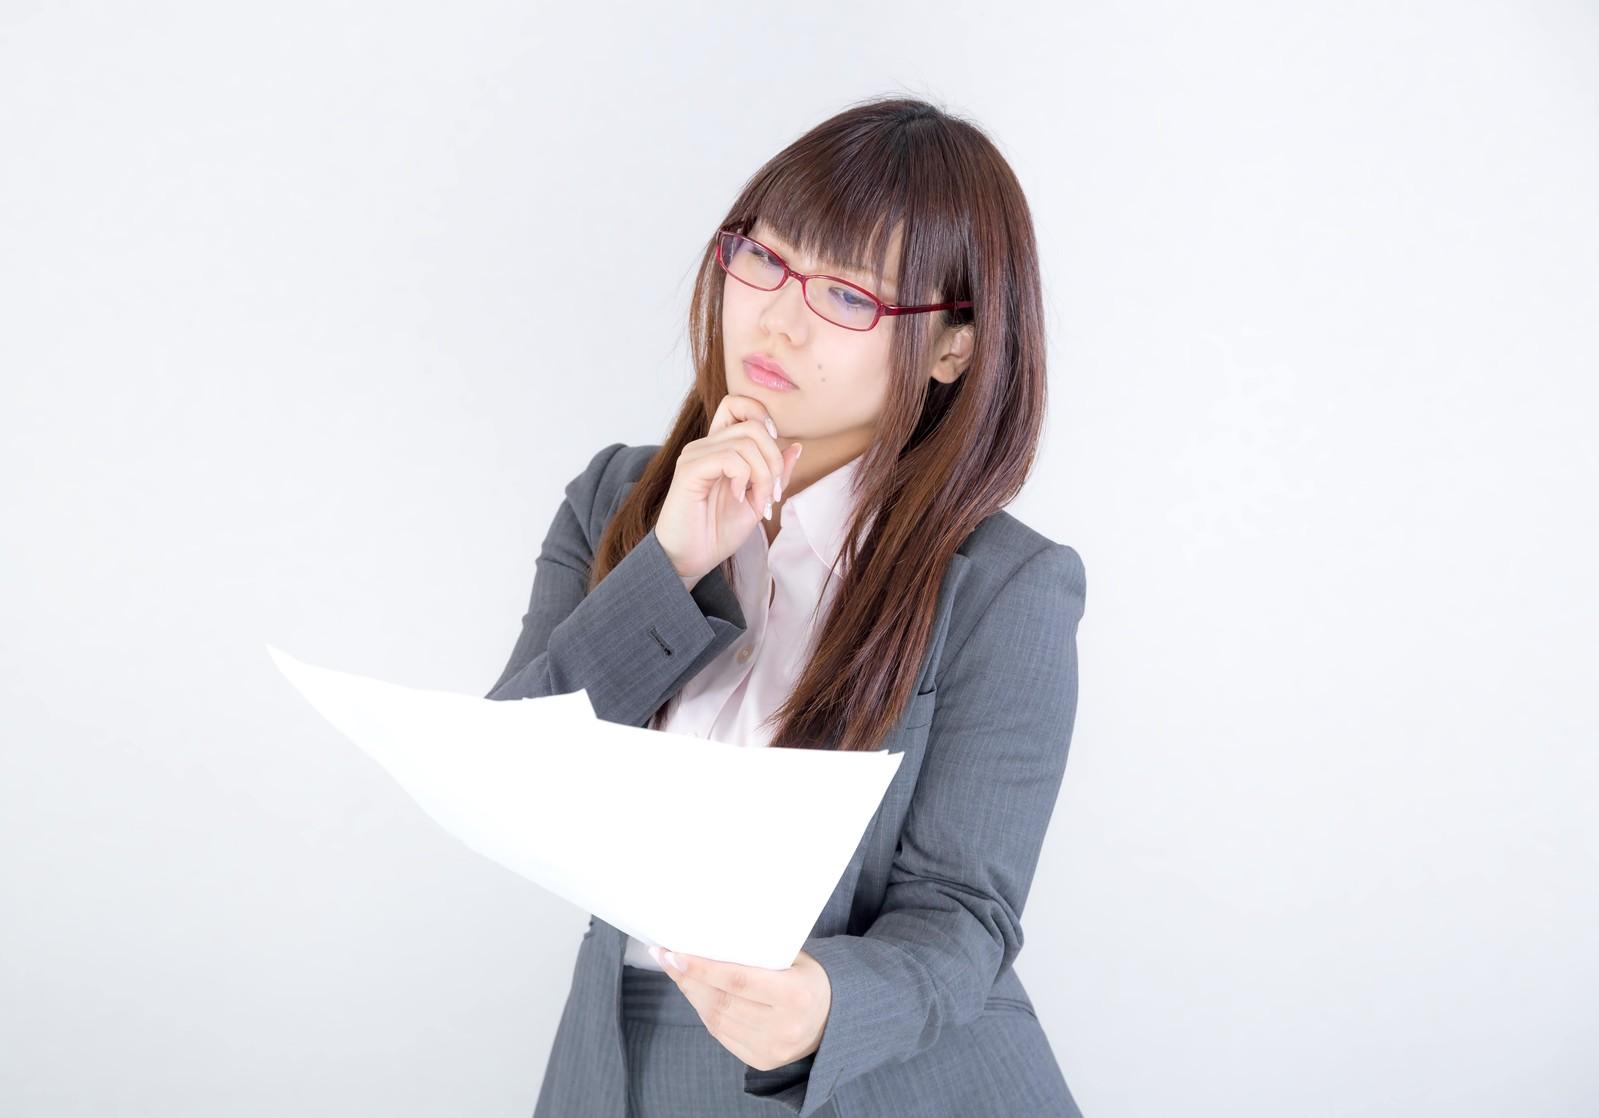 採用内定通知をもらった後に給与交渉しても良いか